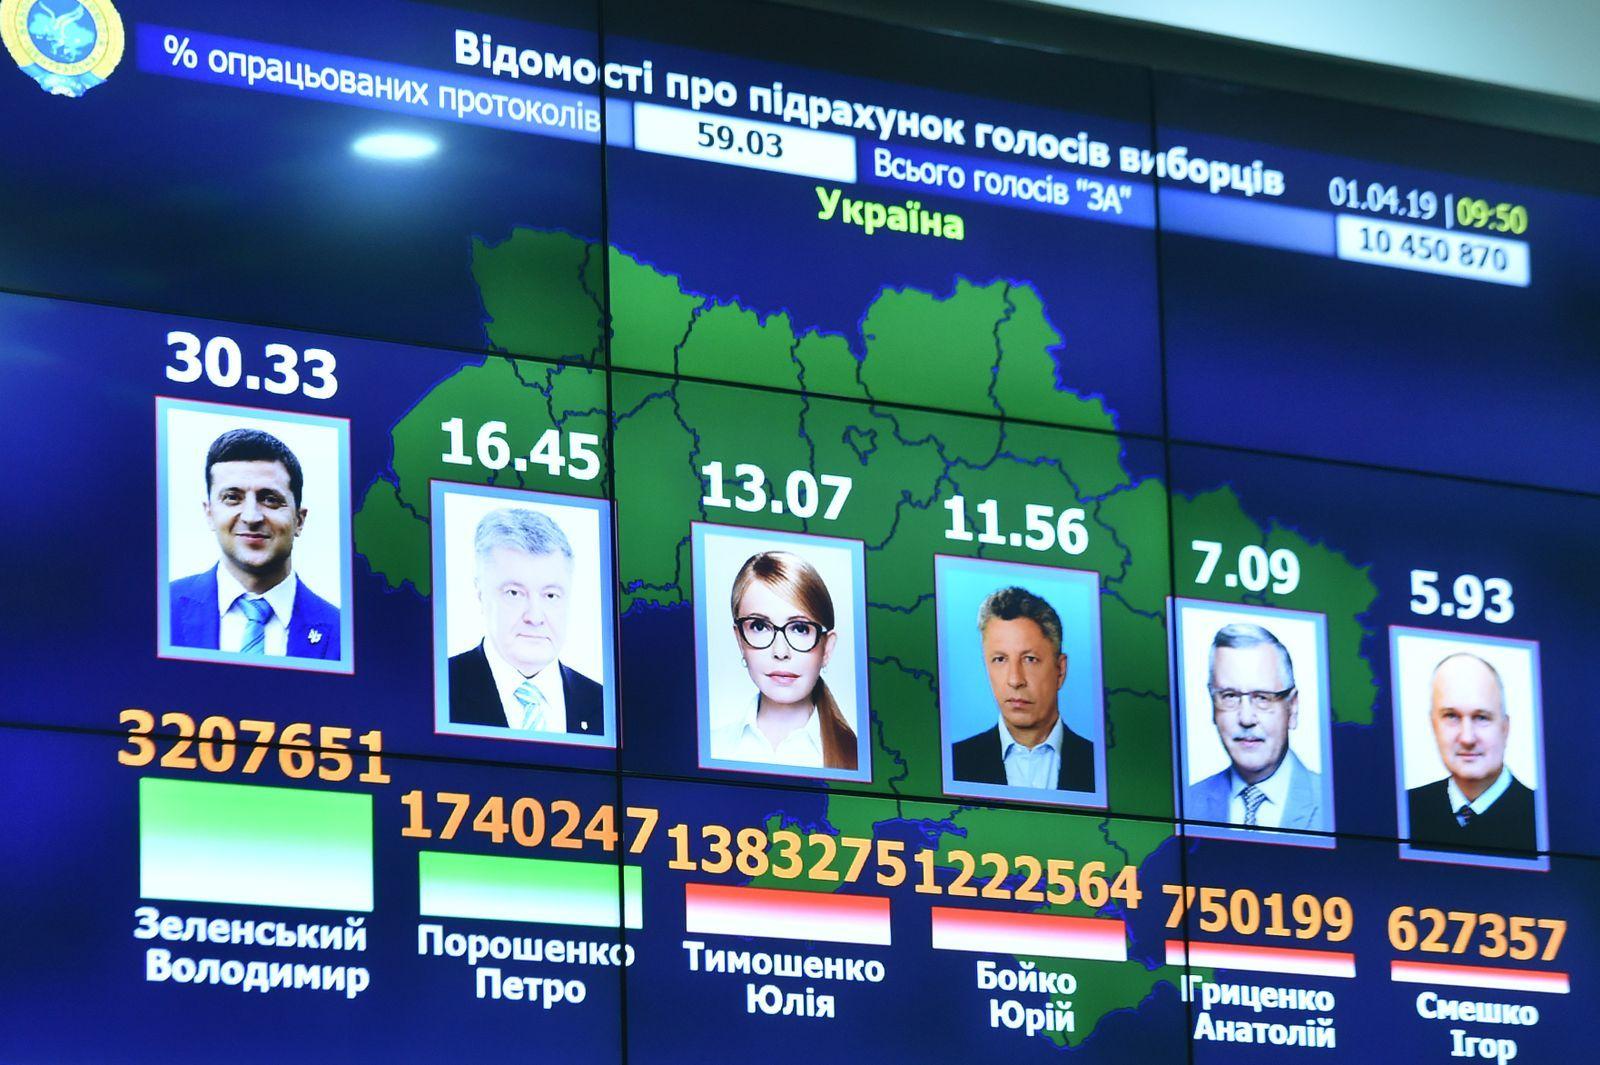 นักแสดงตลก ประธานาธิบดียูเครน